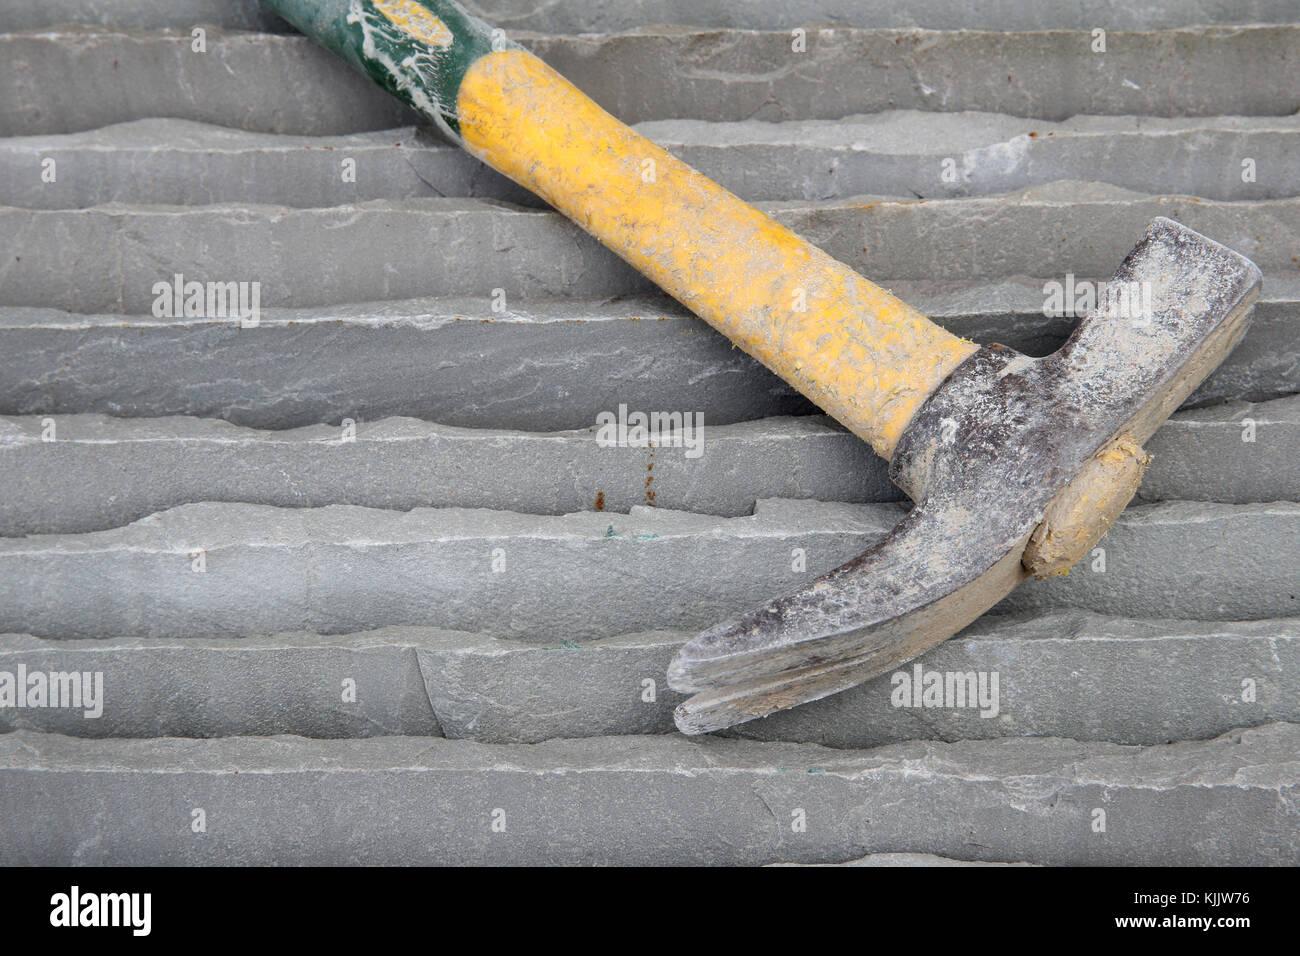 Baustelle. Die dekorativen Natursteinen und Hammer. Frankreich. Stockbild